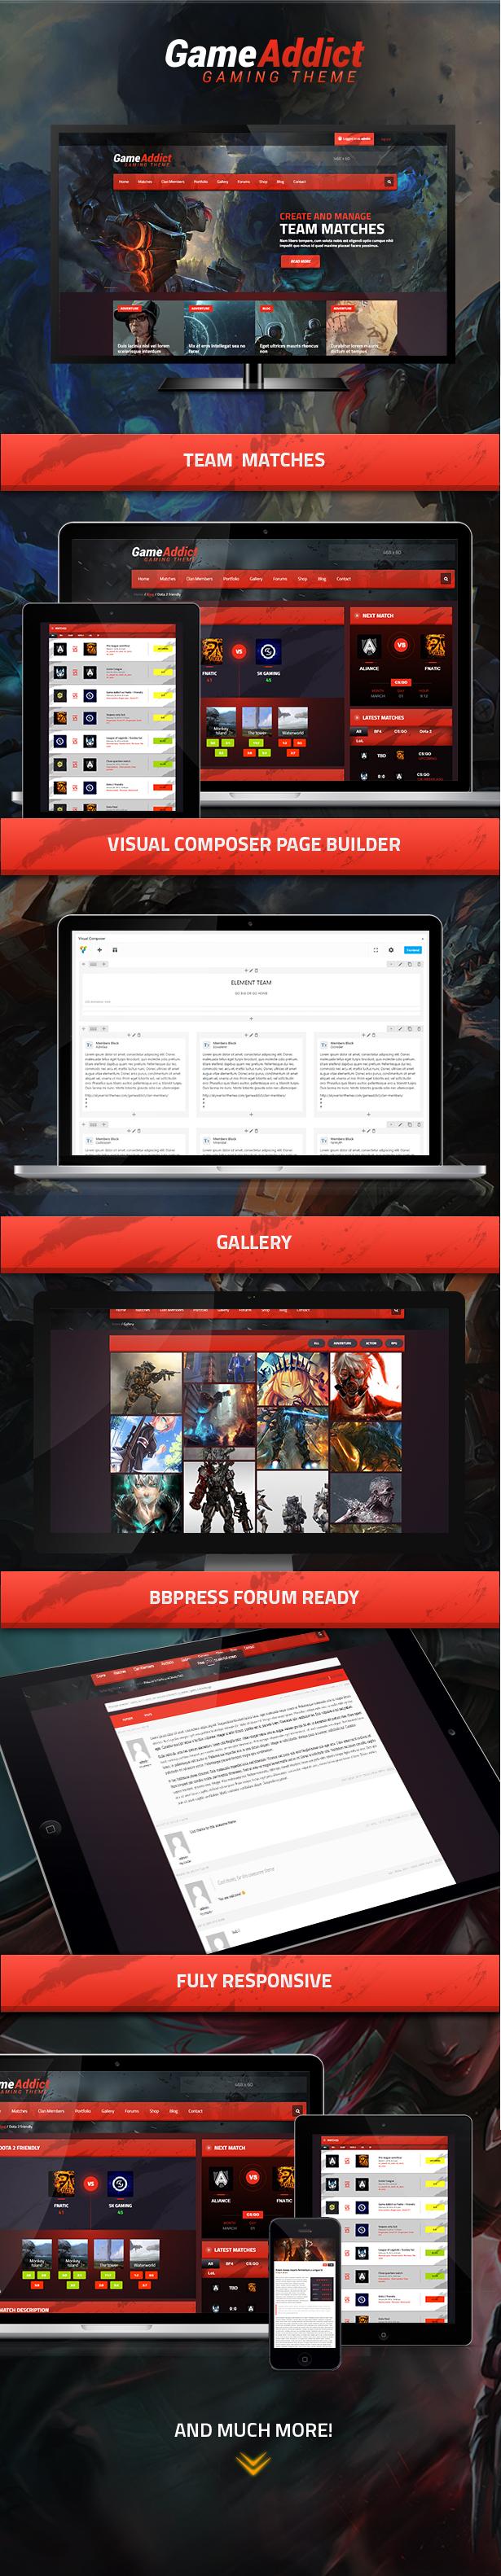 Game Addict - Clan War Gaming Theme